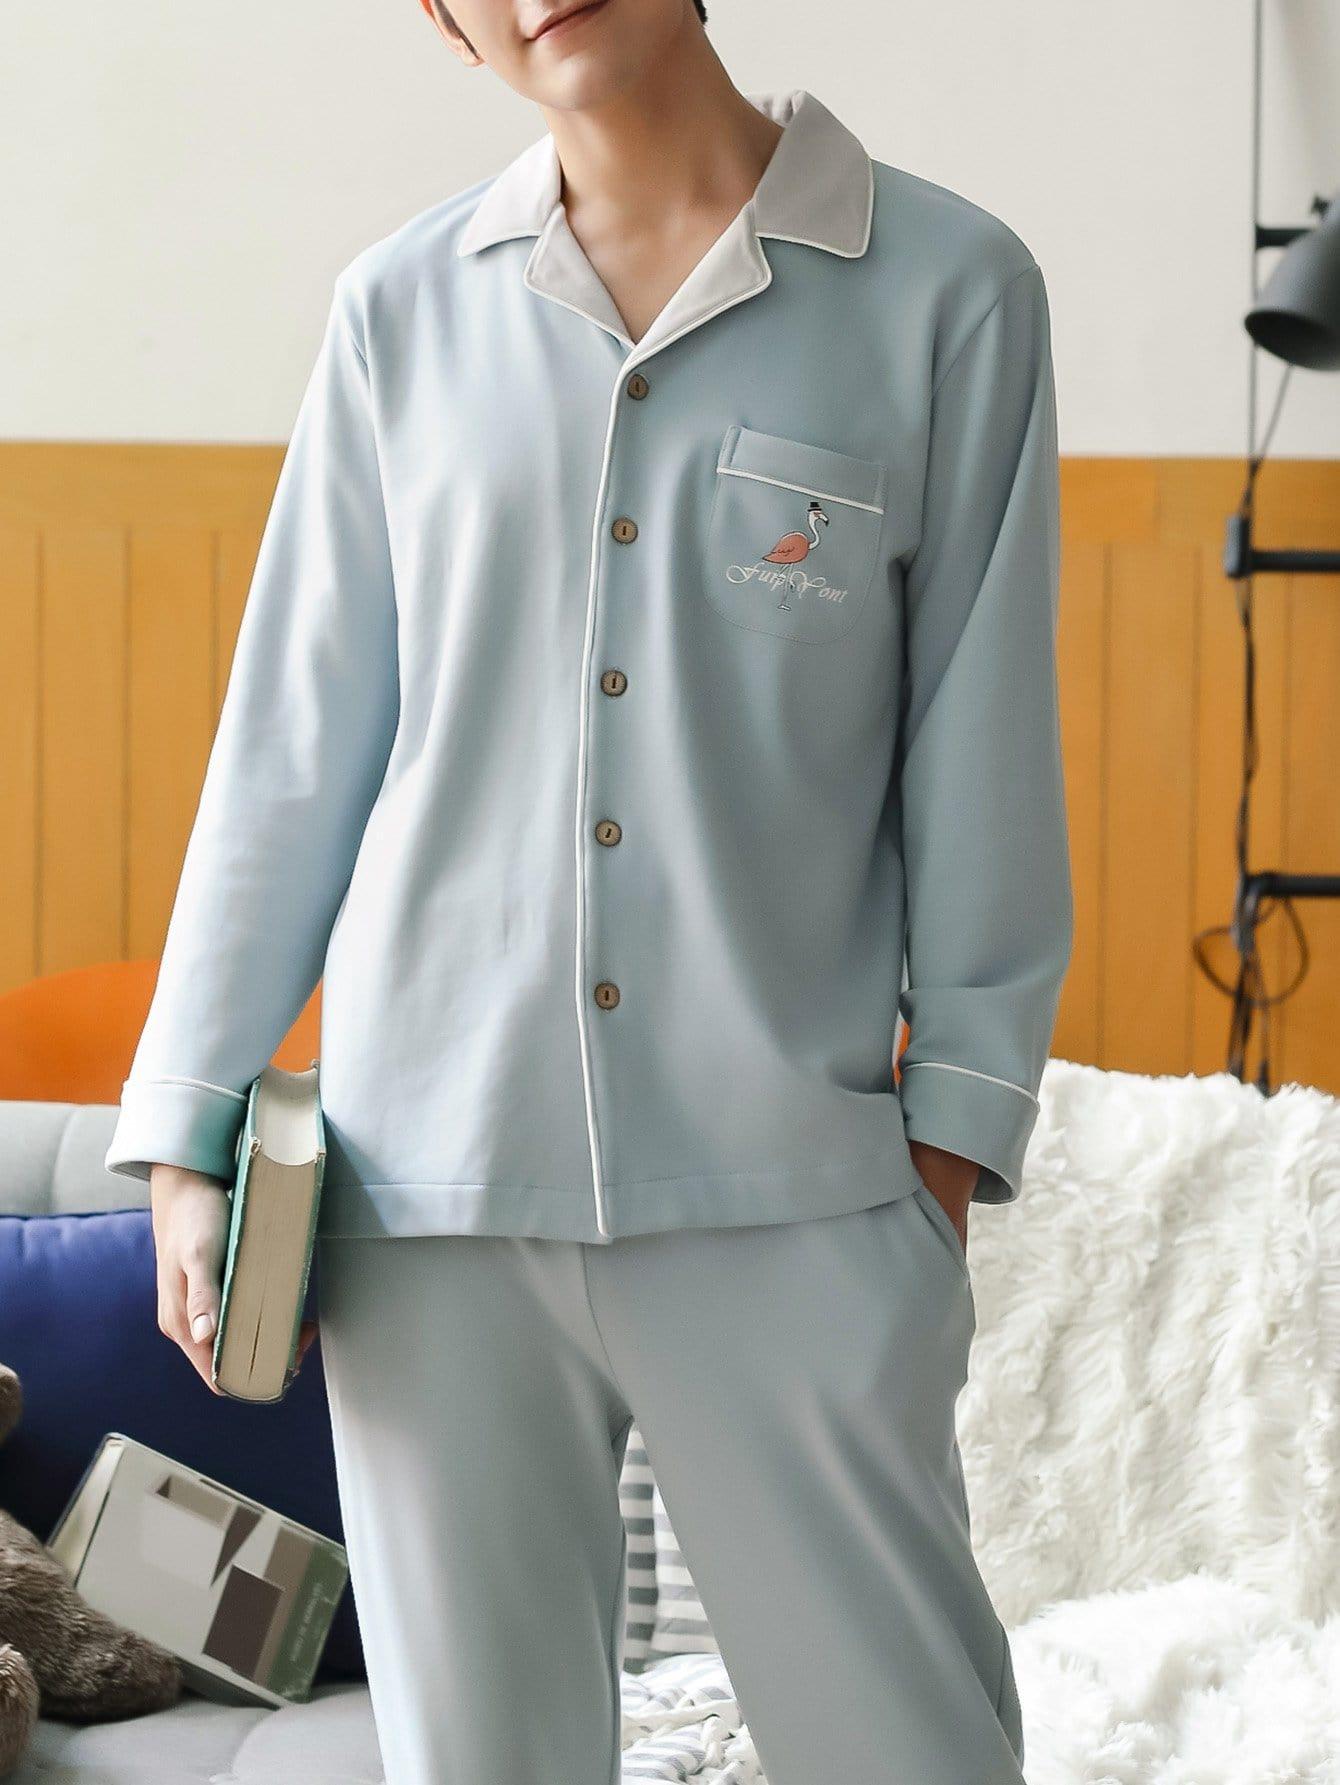 Купить Комплект пижамы с рисунками фламинго для мужчины, null, SheIn